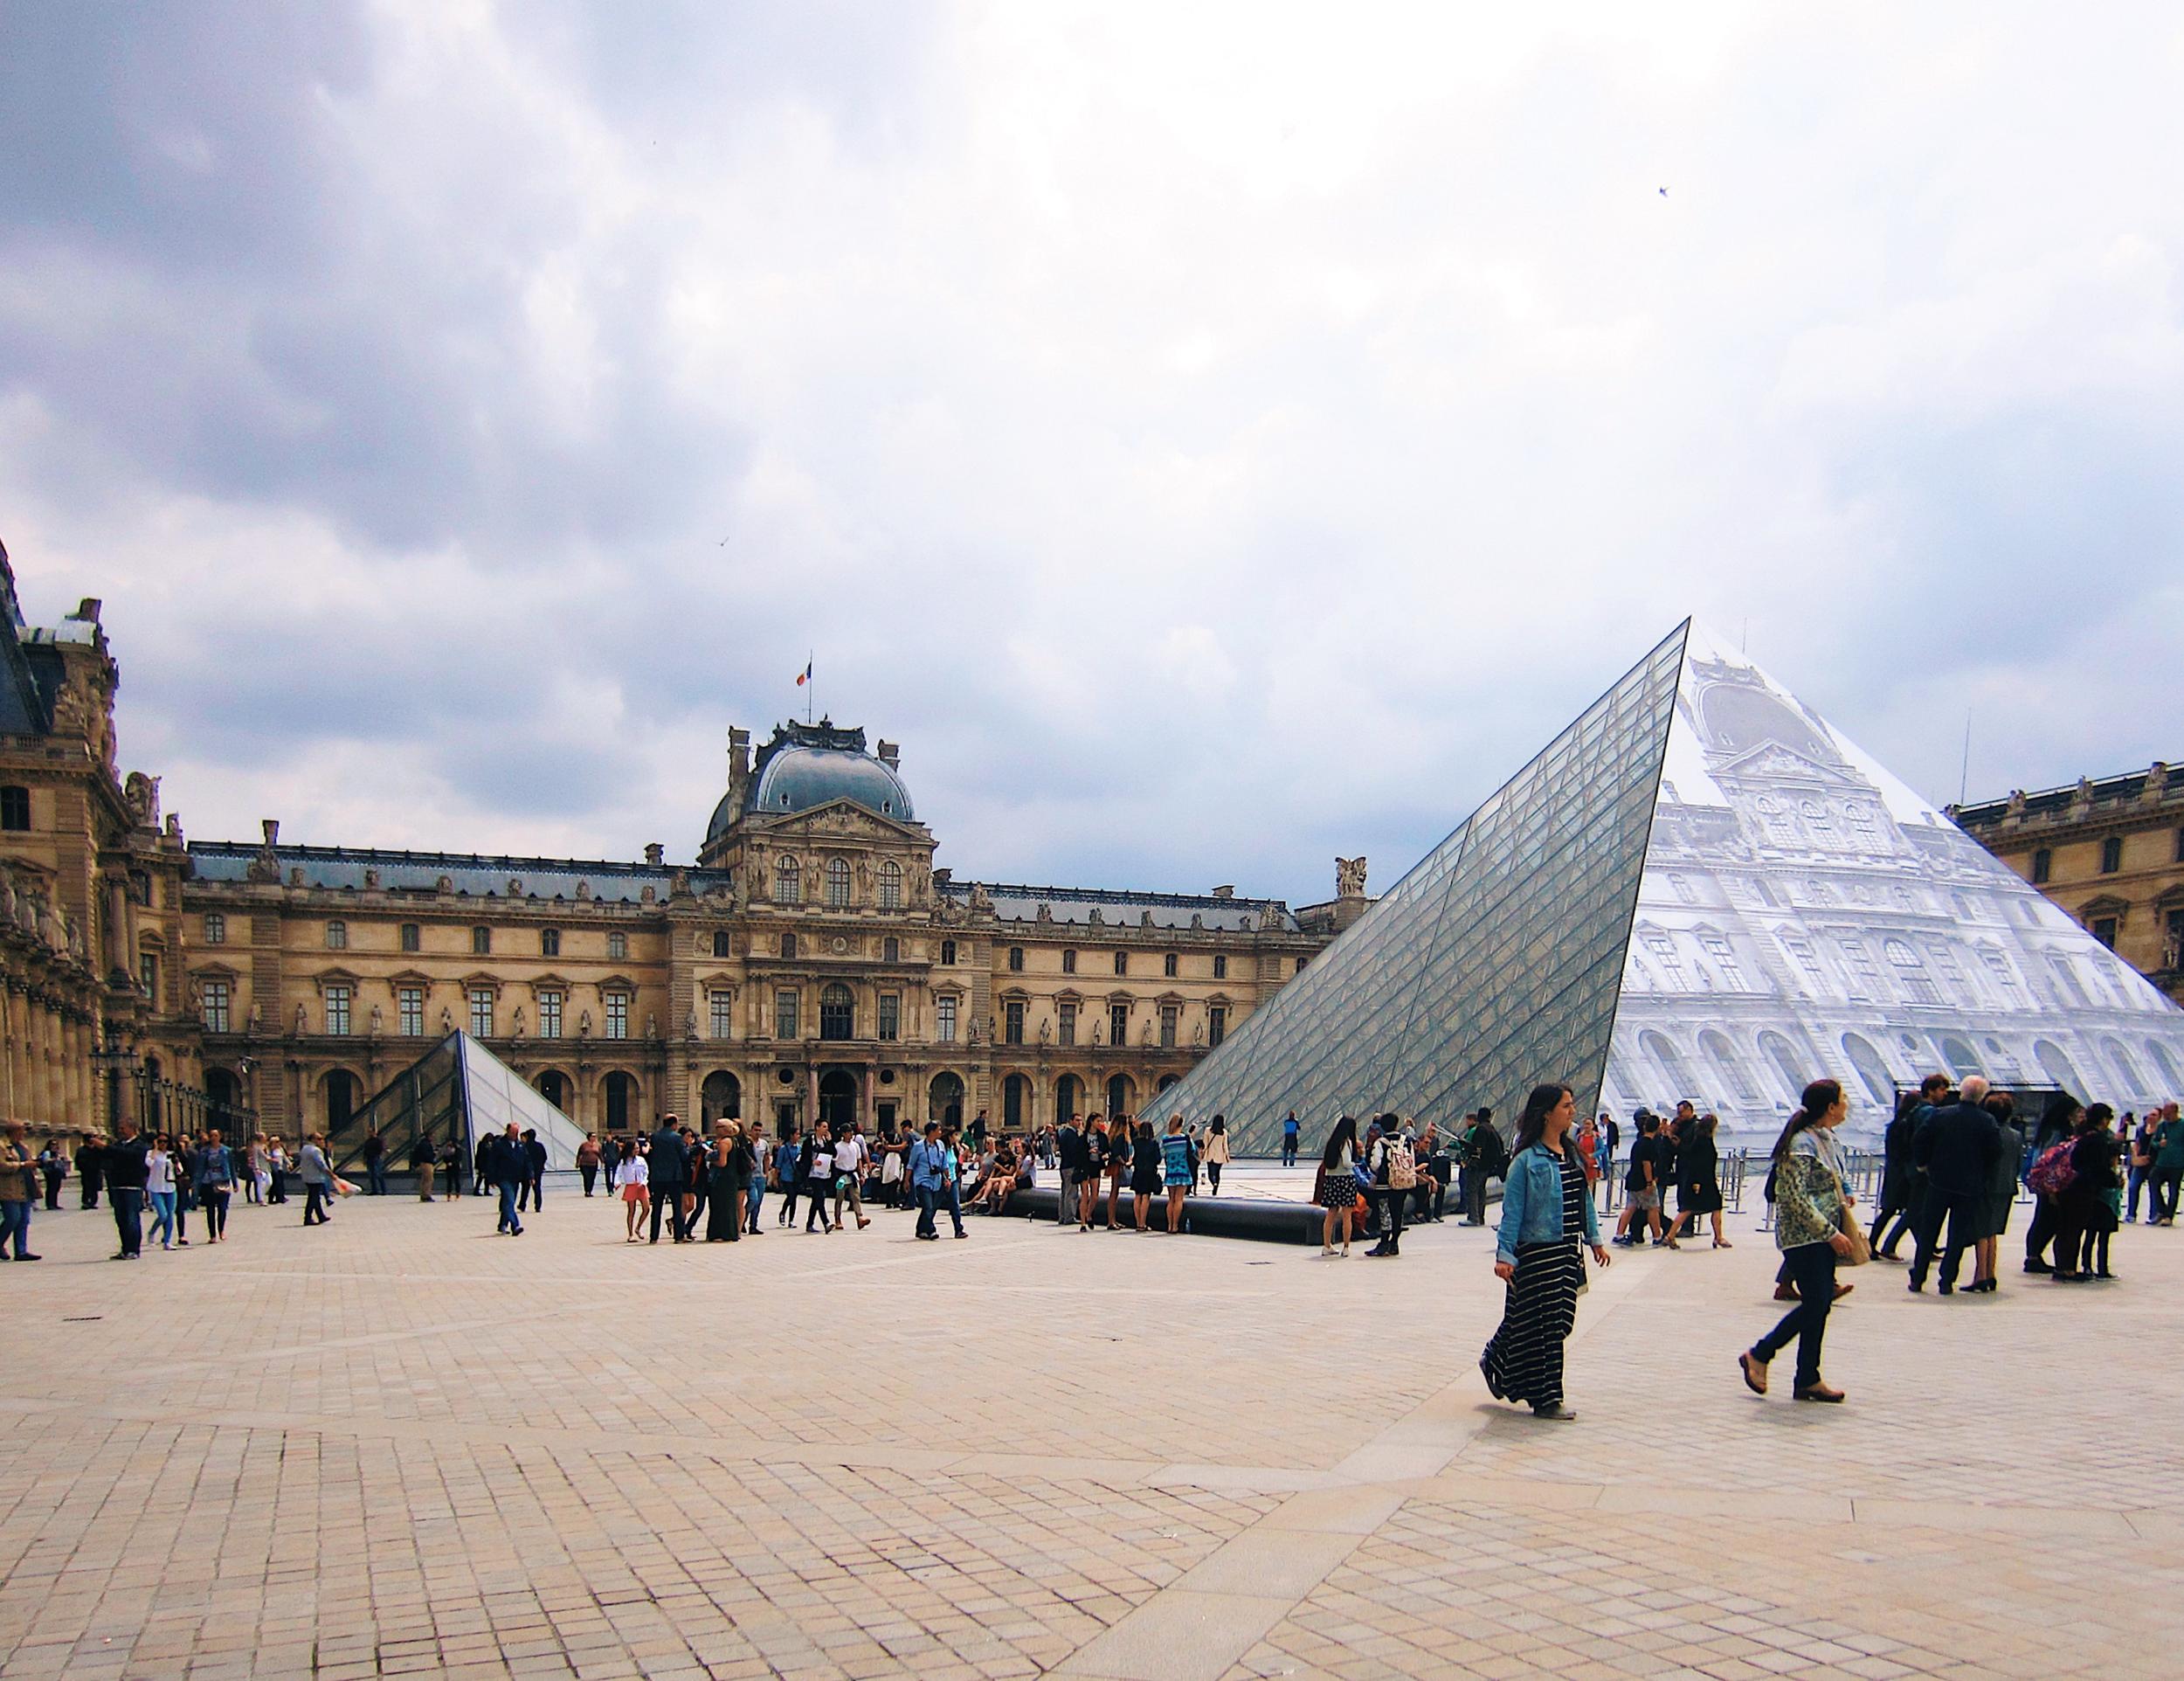 The Paris Bucket List - The Louvre